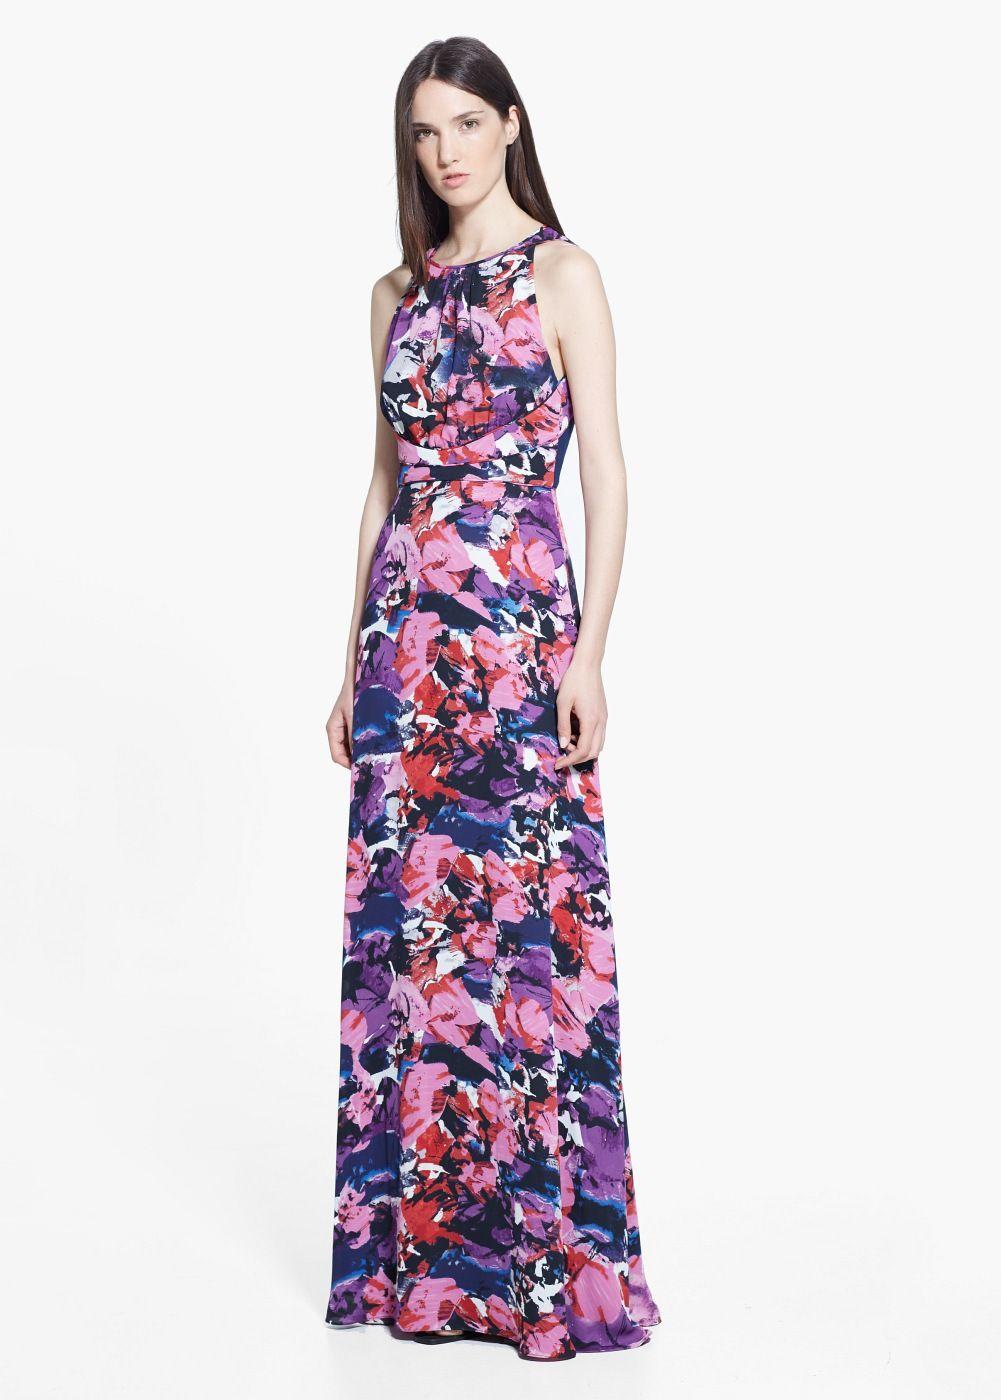 9a092041fca16 Robe longue imprimée Mango 109,99€   S T Y L E .   Pinterest ...